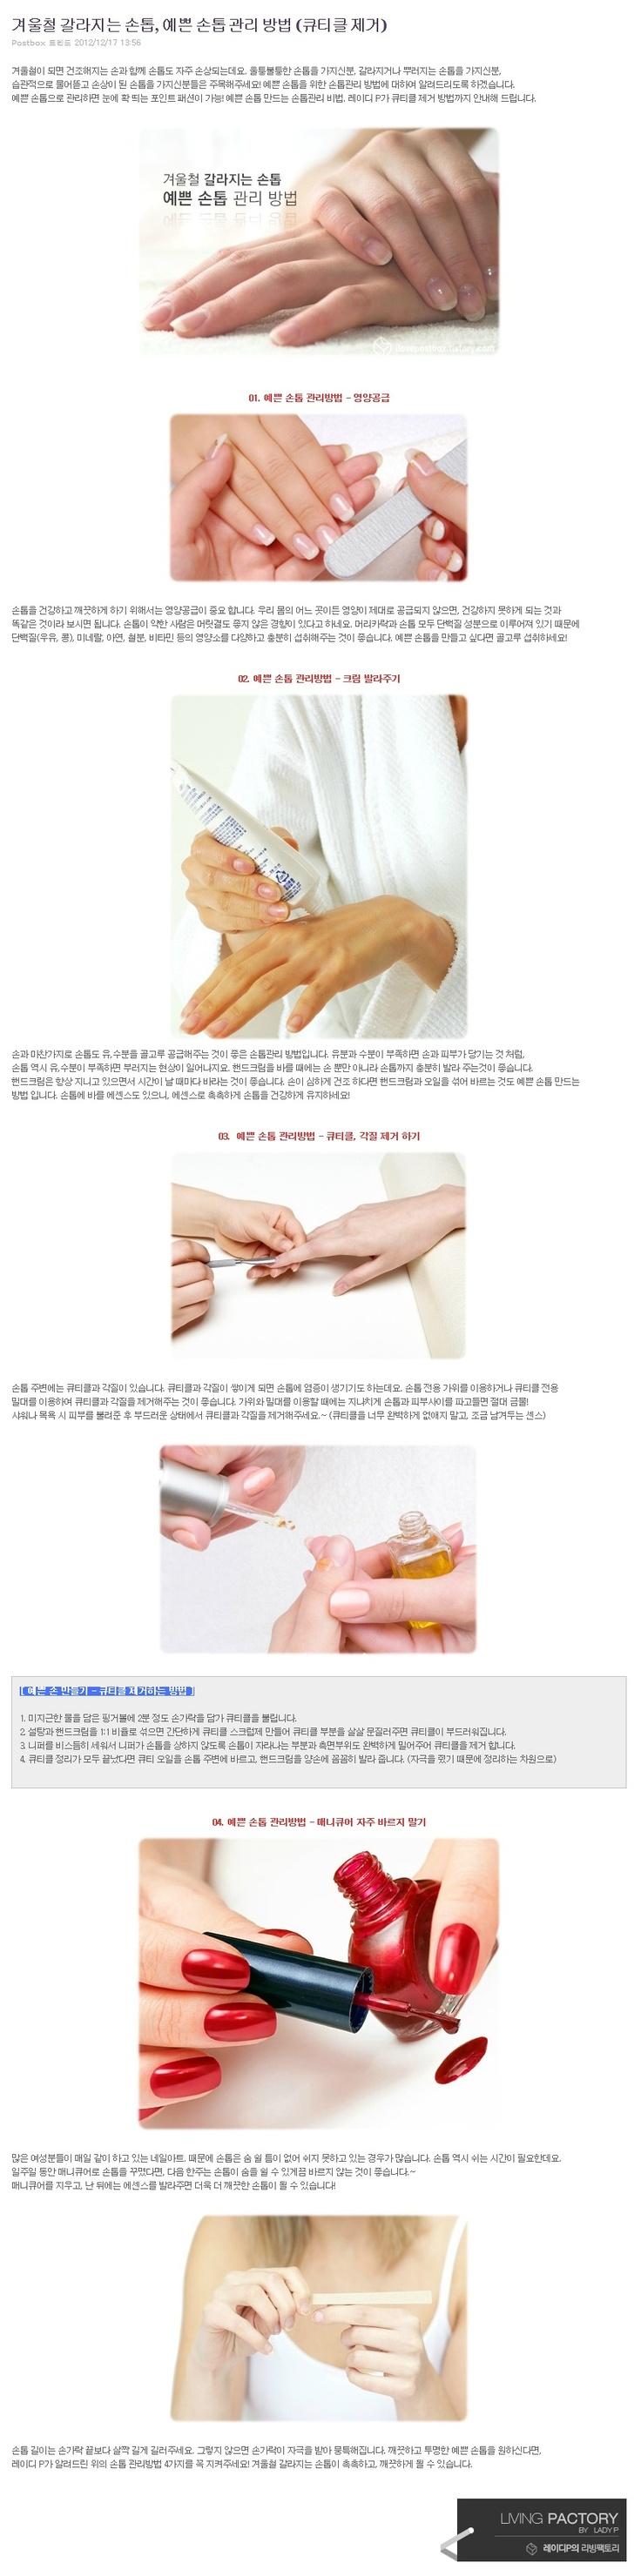 겨울철 갈라지는 손톱, 예쁜 손톱 관리 방법(큐티클 제거)